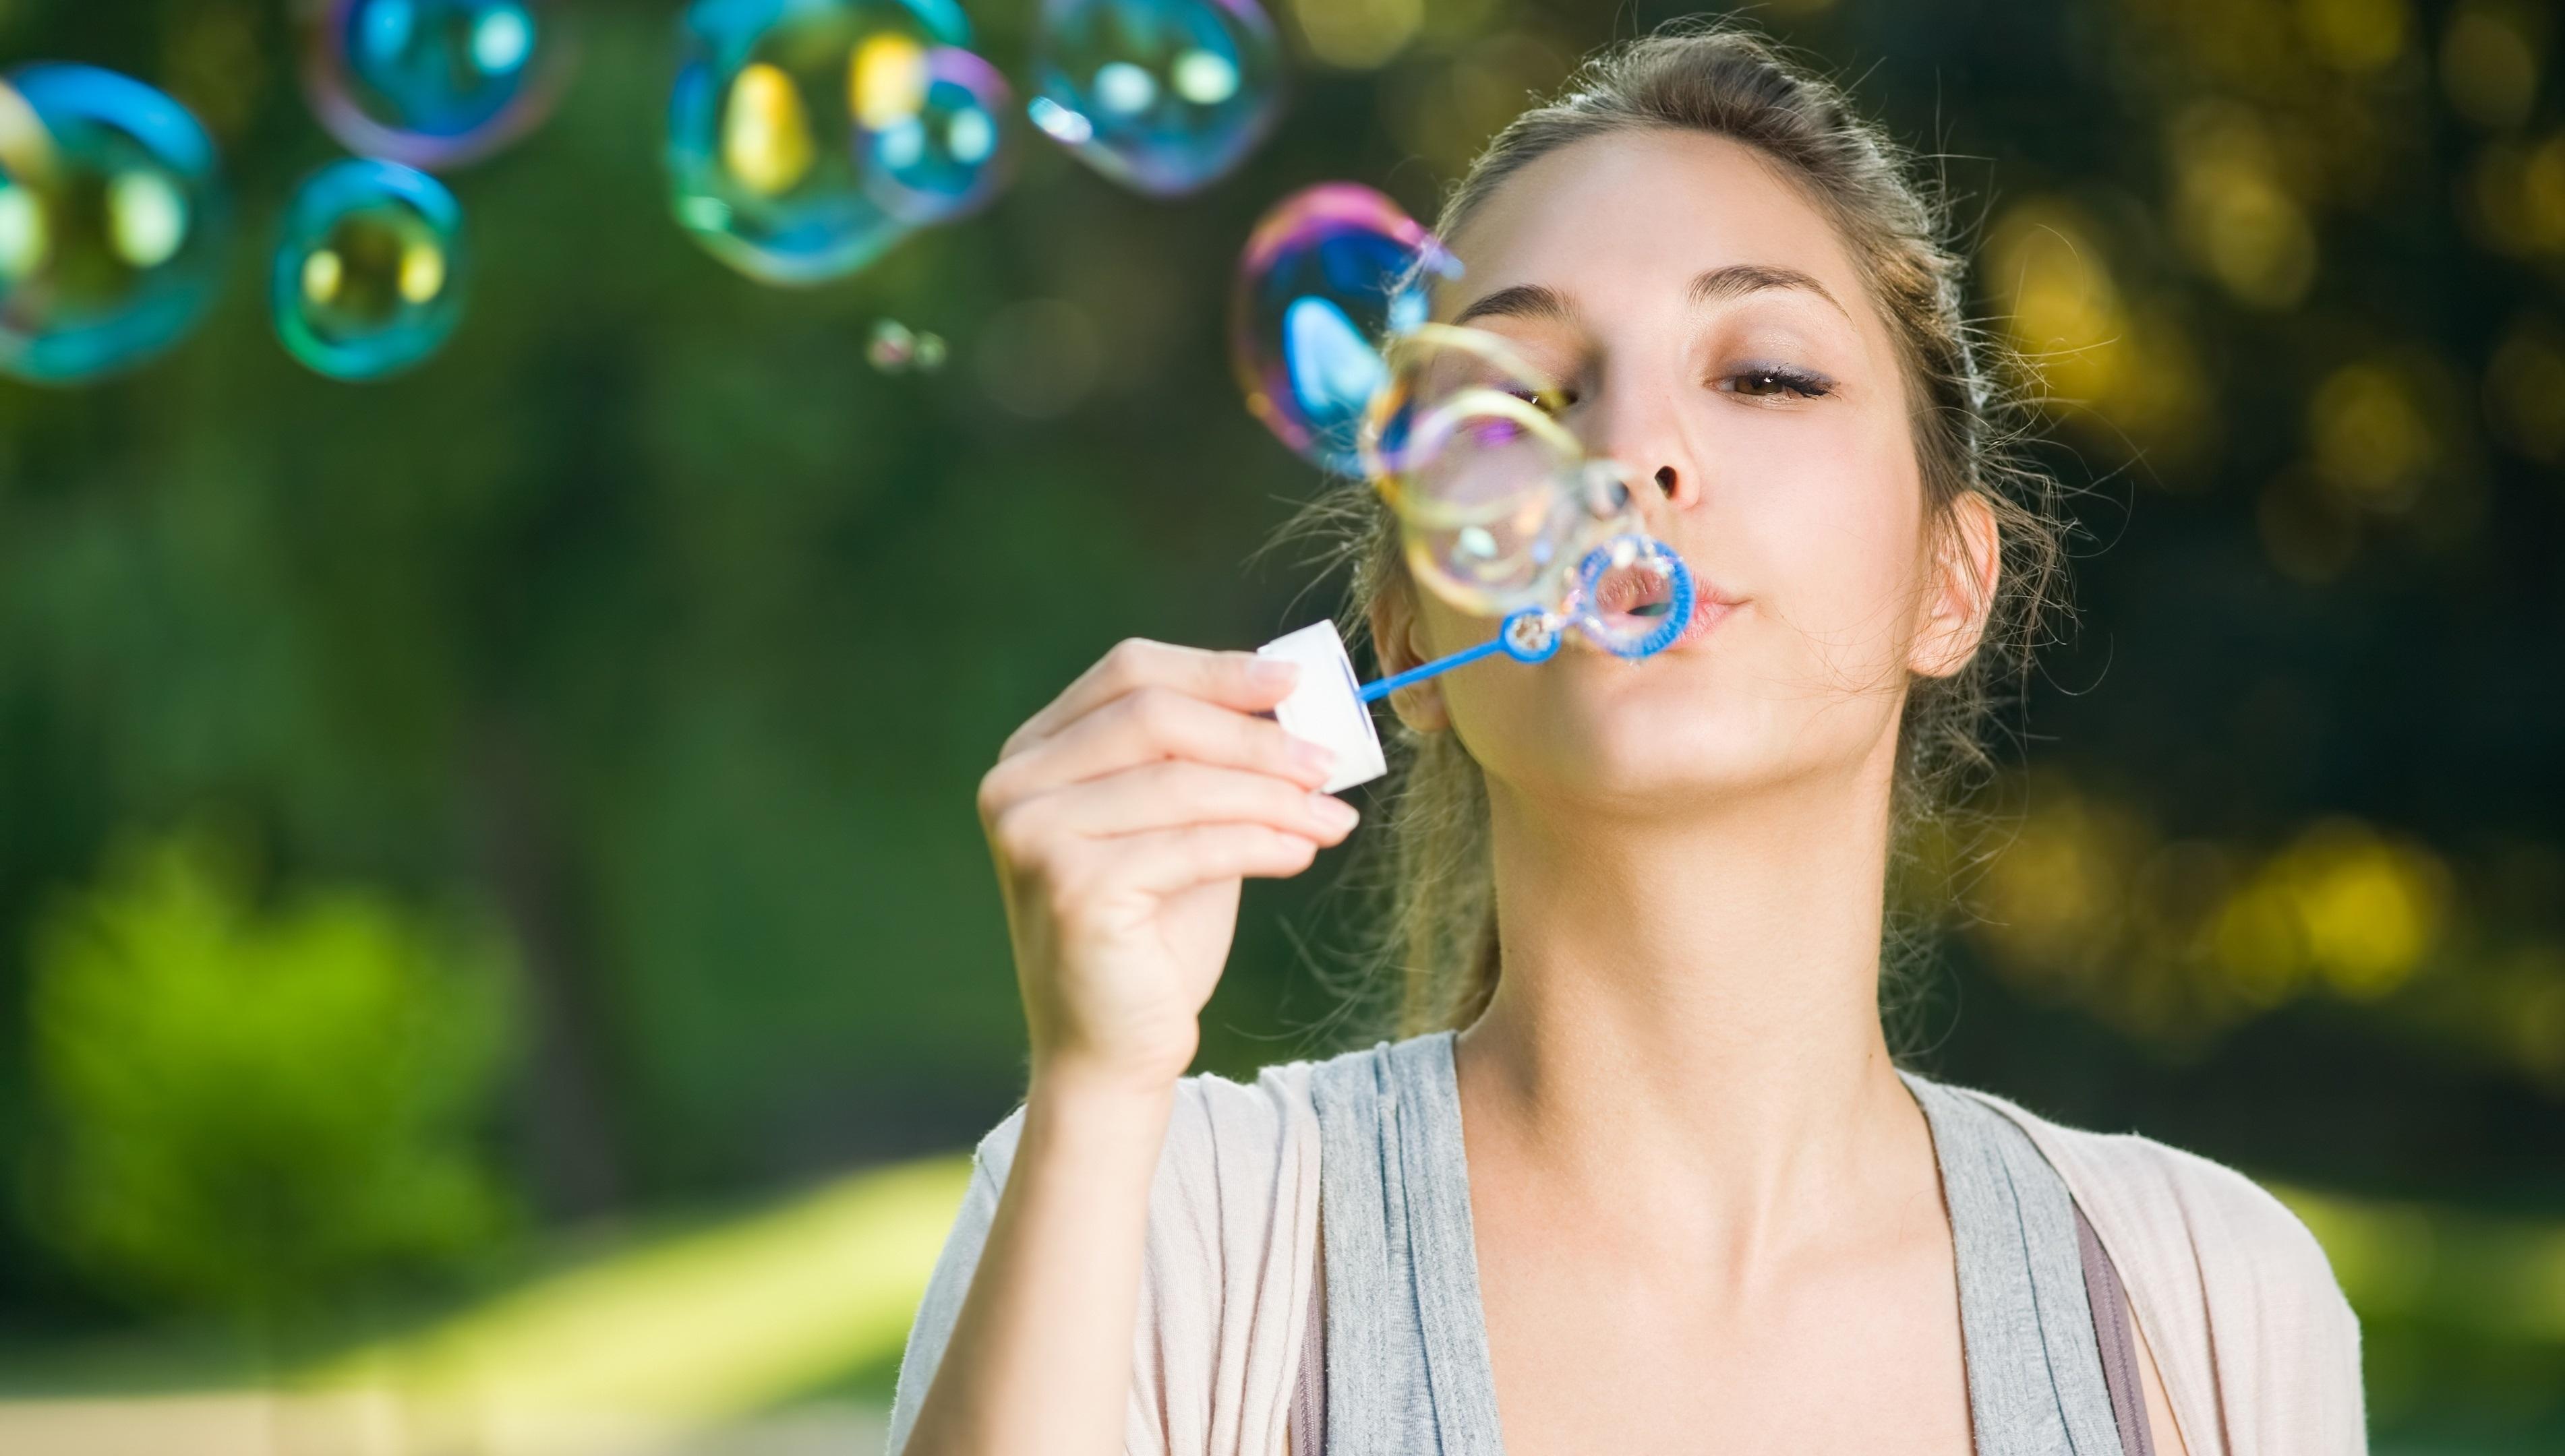 Люблю, девушка с мыльными пузырями картинка